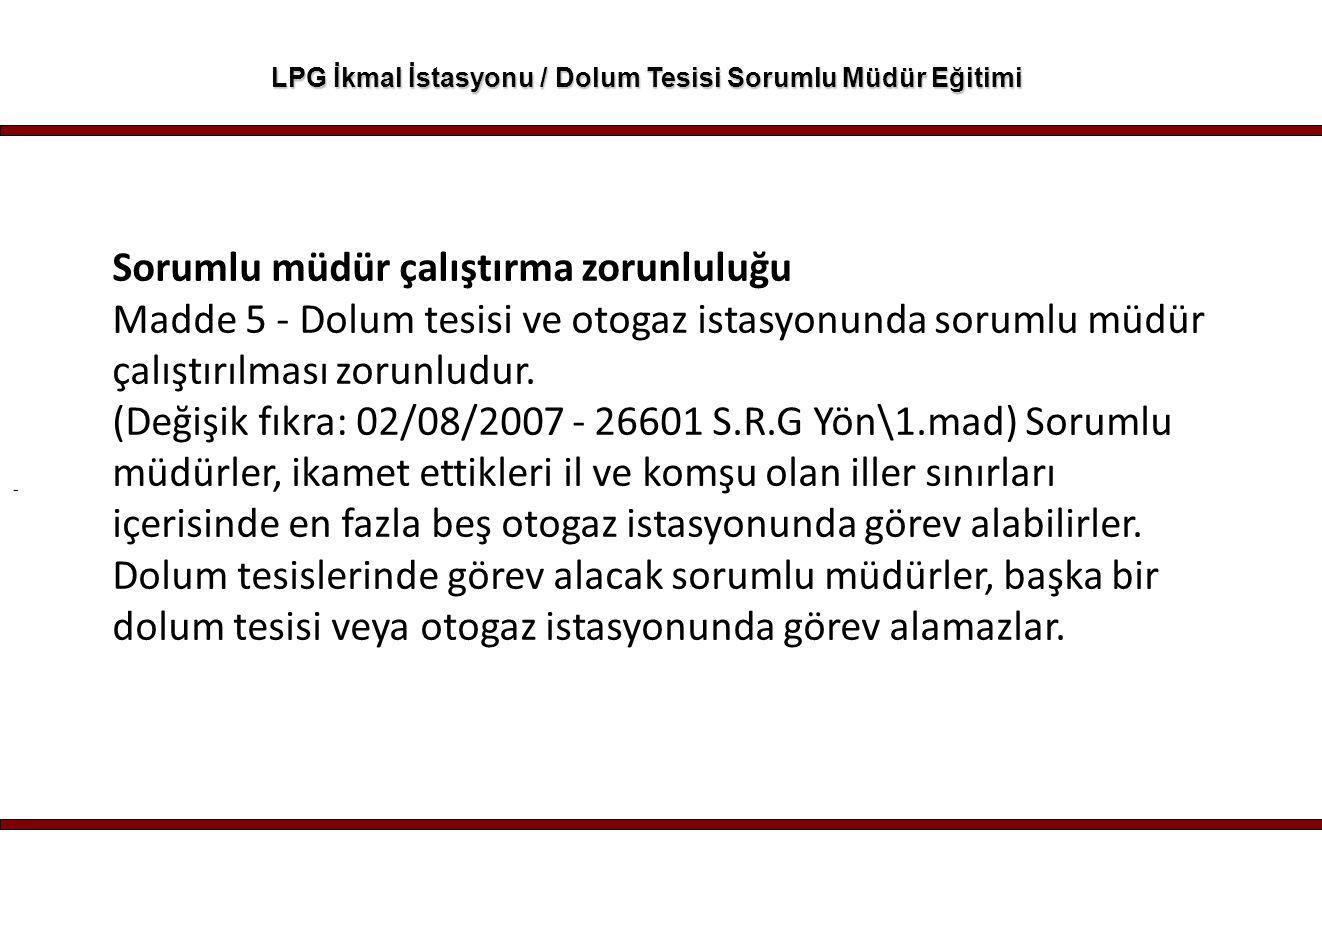 - LPG İkmal İstasyonu / Dolum Tesisi Sorumlu Müdür Eğitimi LPG Otogaz İstasyonu/Dolum Tesisi Sorumlu Müdür Belgelendirme Koşulları Sorumlu Müdür belgelerinin geçerlilik süresi, her yıl Oda tarafından onaylanmak kaydıyla alındığı tarihten itibaren 5 (beş) yıldır.